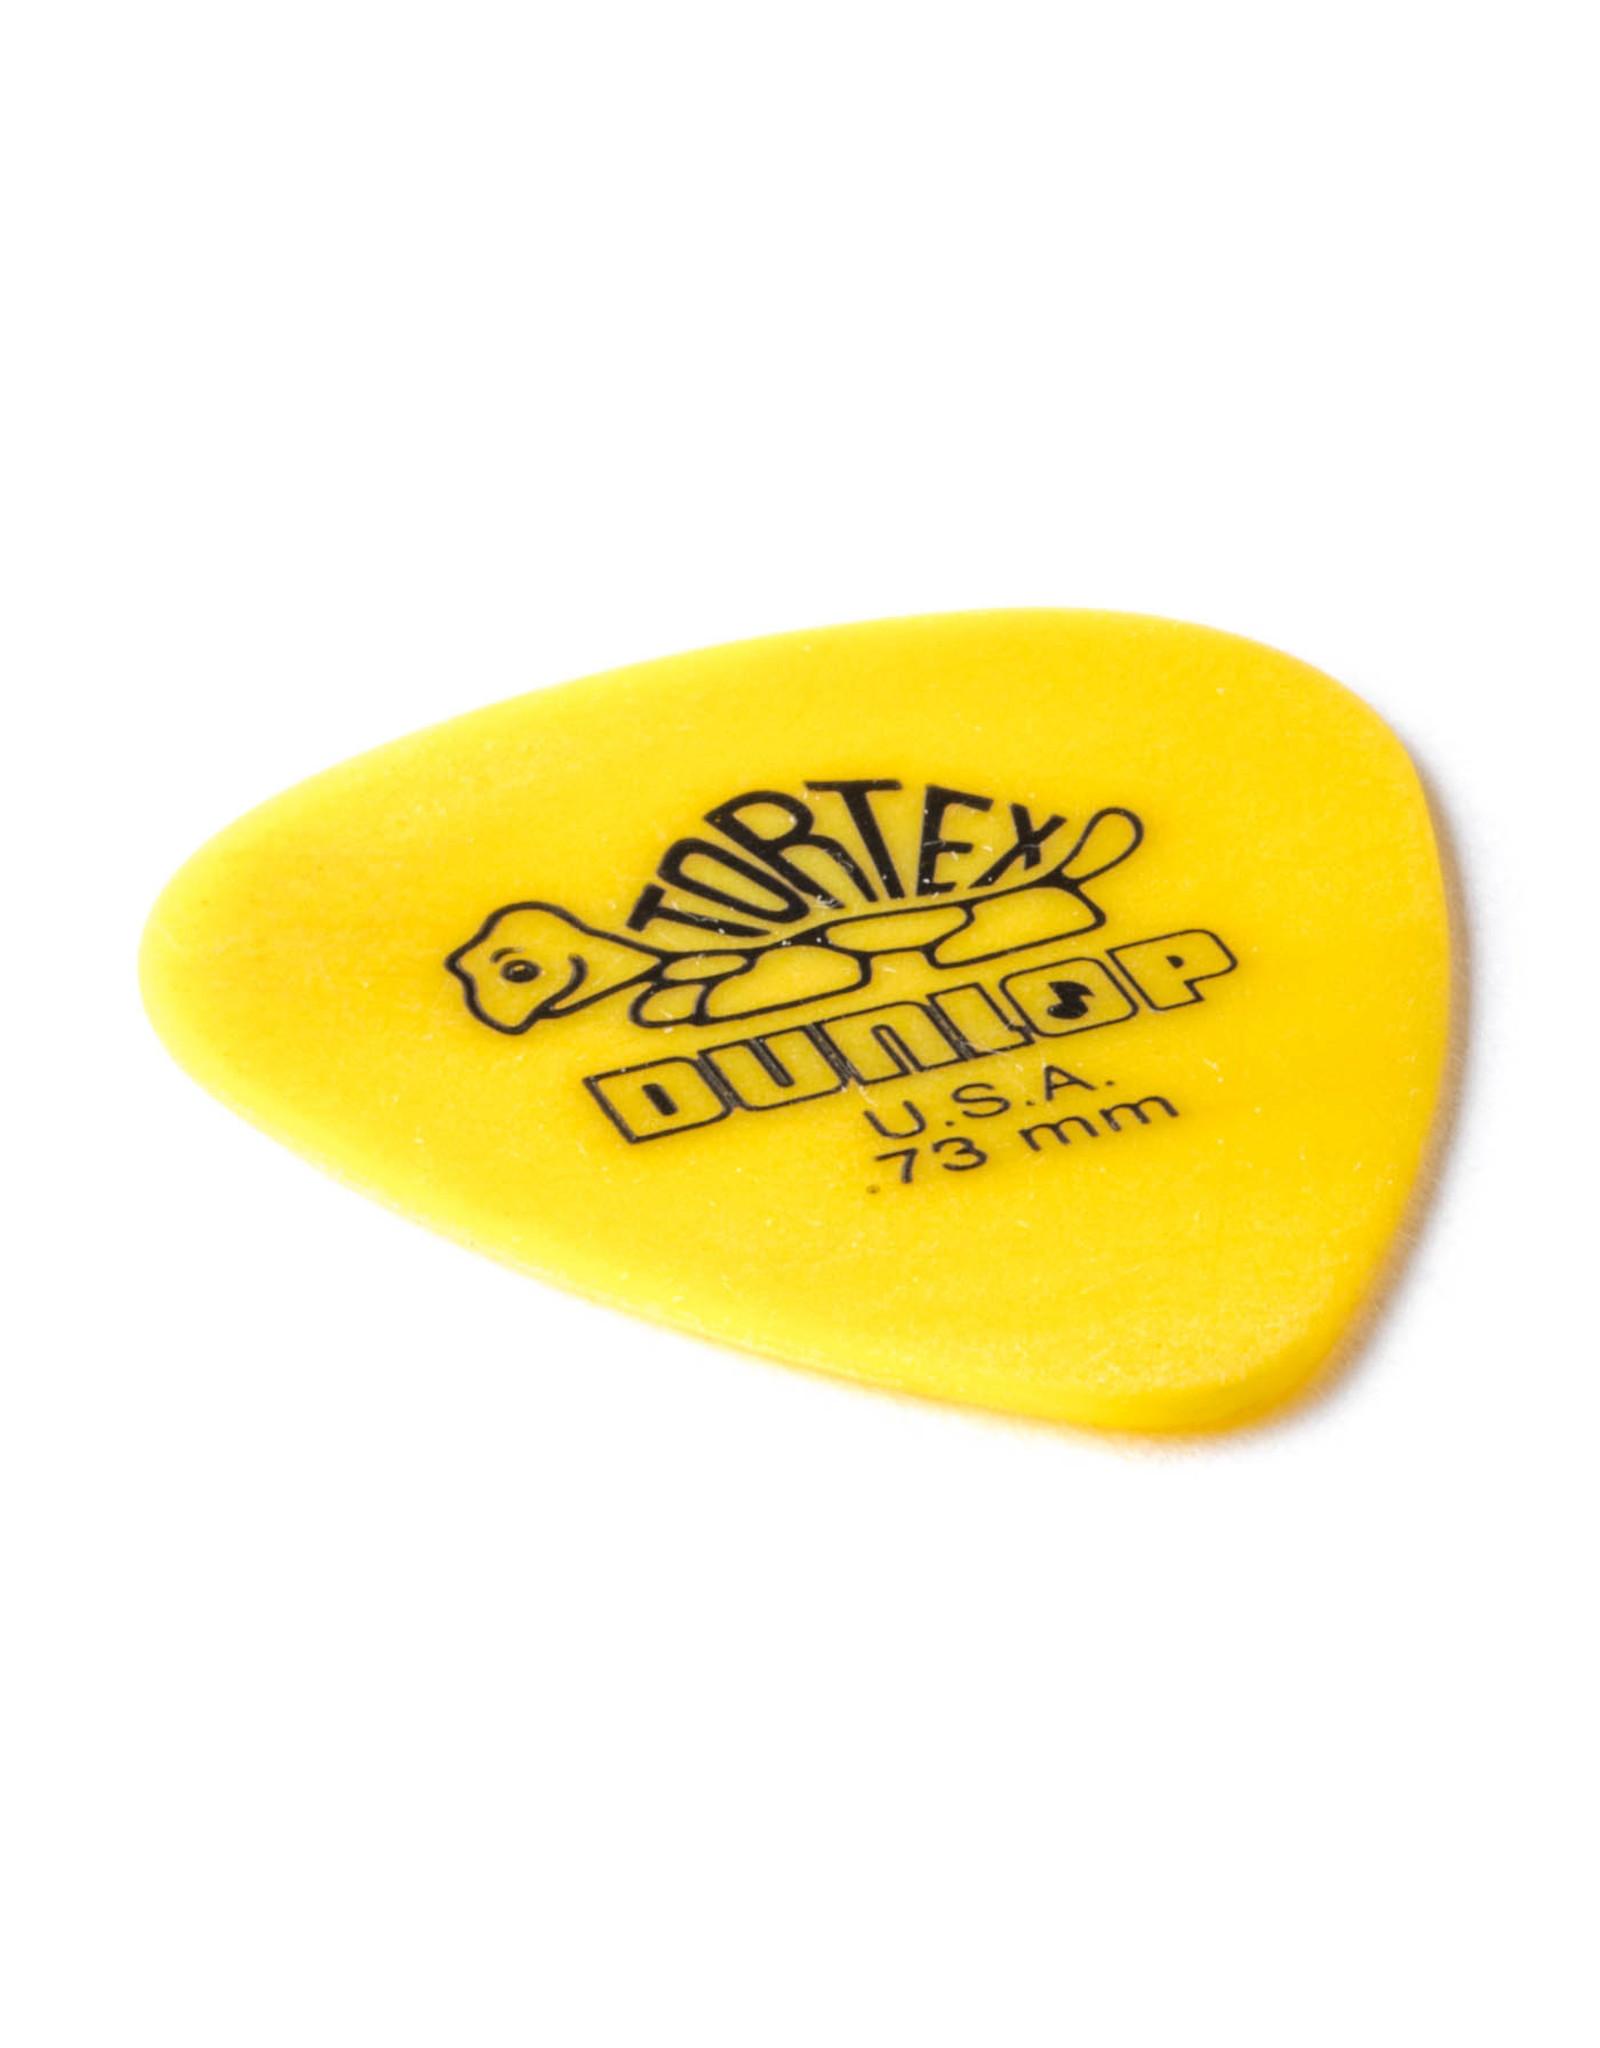 Dunlop Dunlop Tortex Standard Pick Pack .73mm 12 Pack